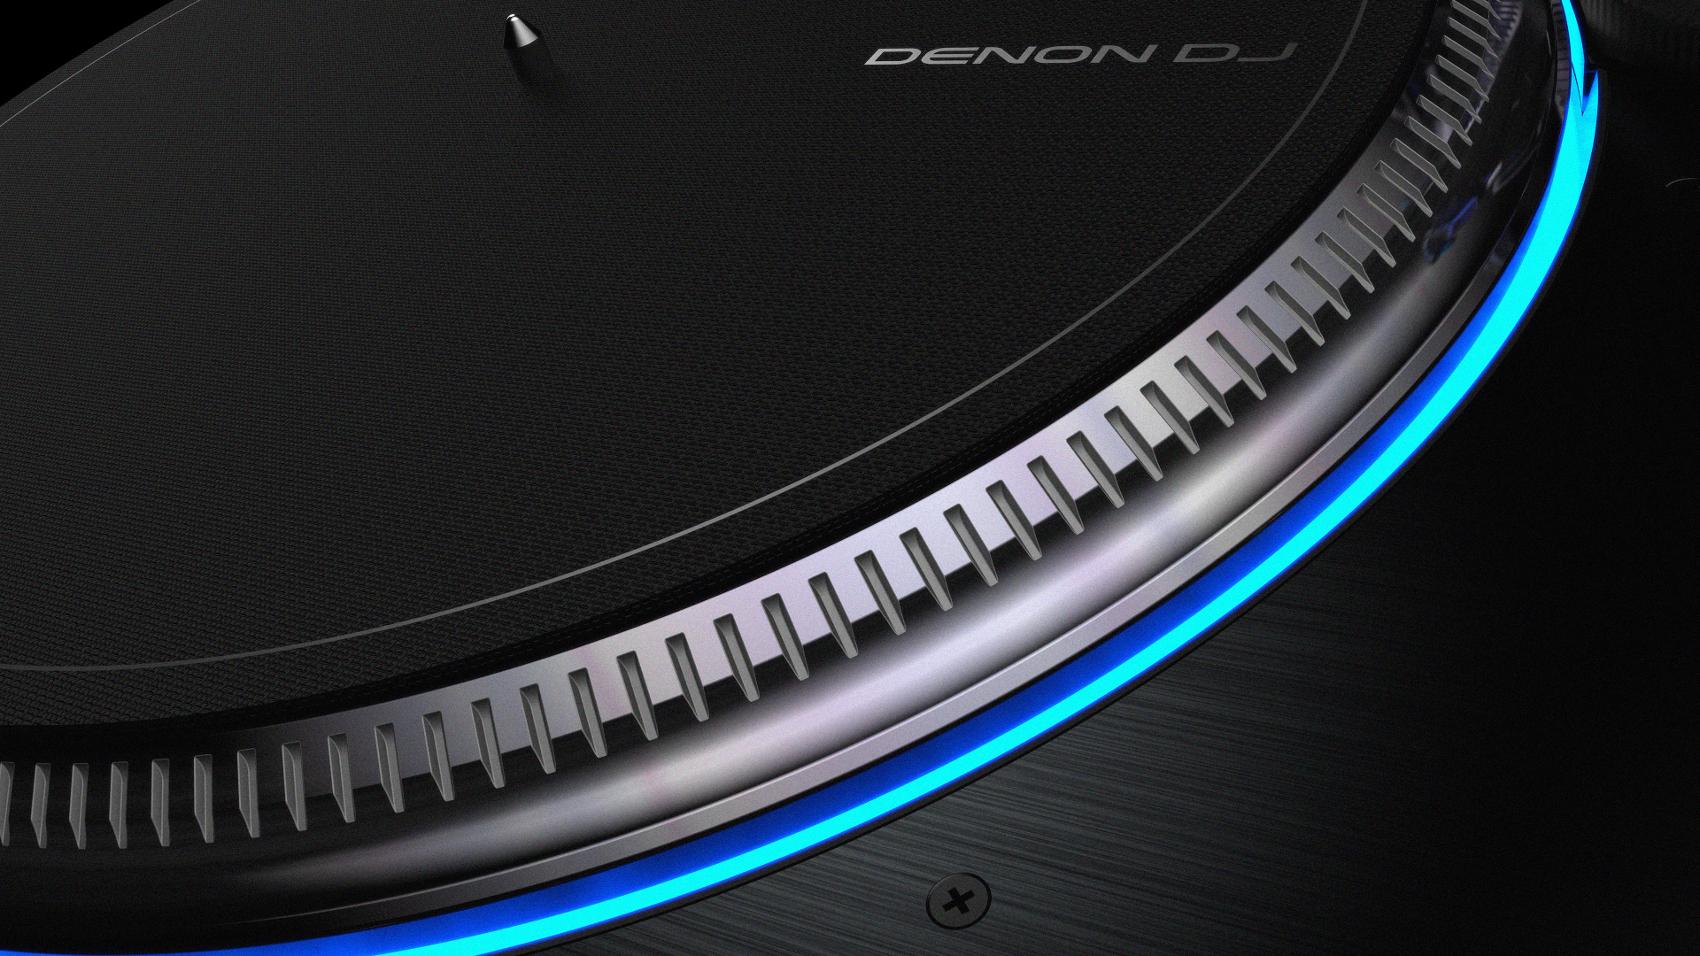 DENON DJ VL12 PRIME GIRADISCHI PER DJ A TRAZIONE DIRETTA CON ILLUMINAZIONE RGB DEL PIATTO 4